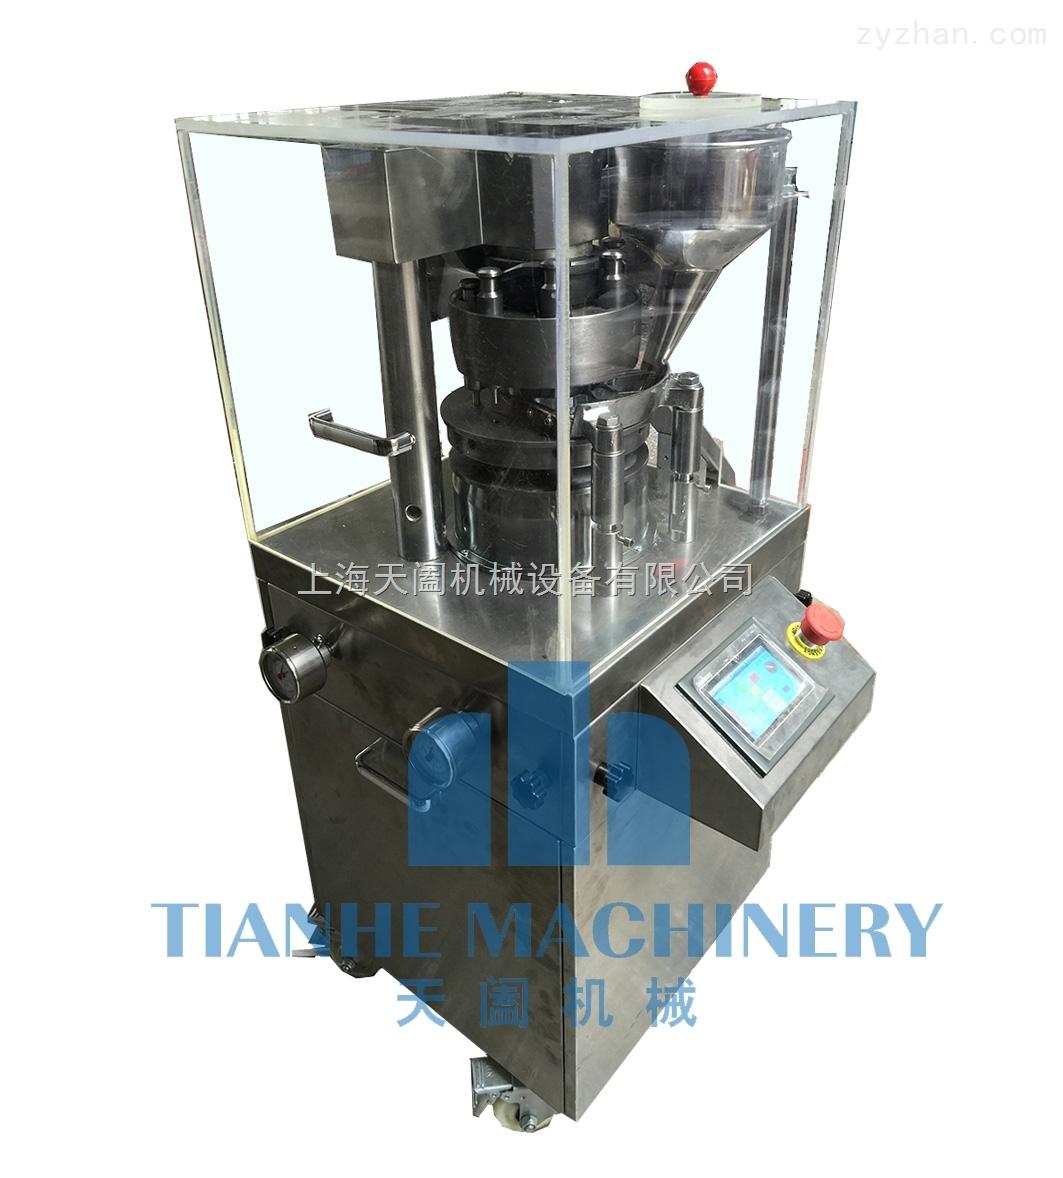 旋转式压片机 PLC触摸屏操作 带移动滚轮